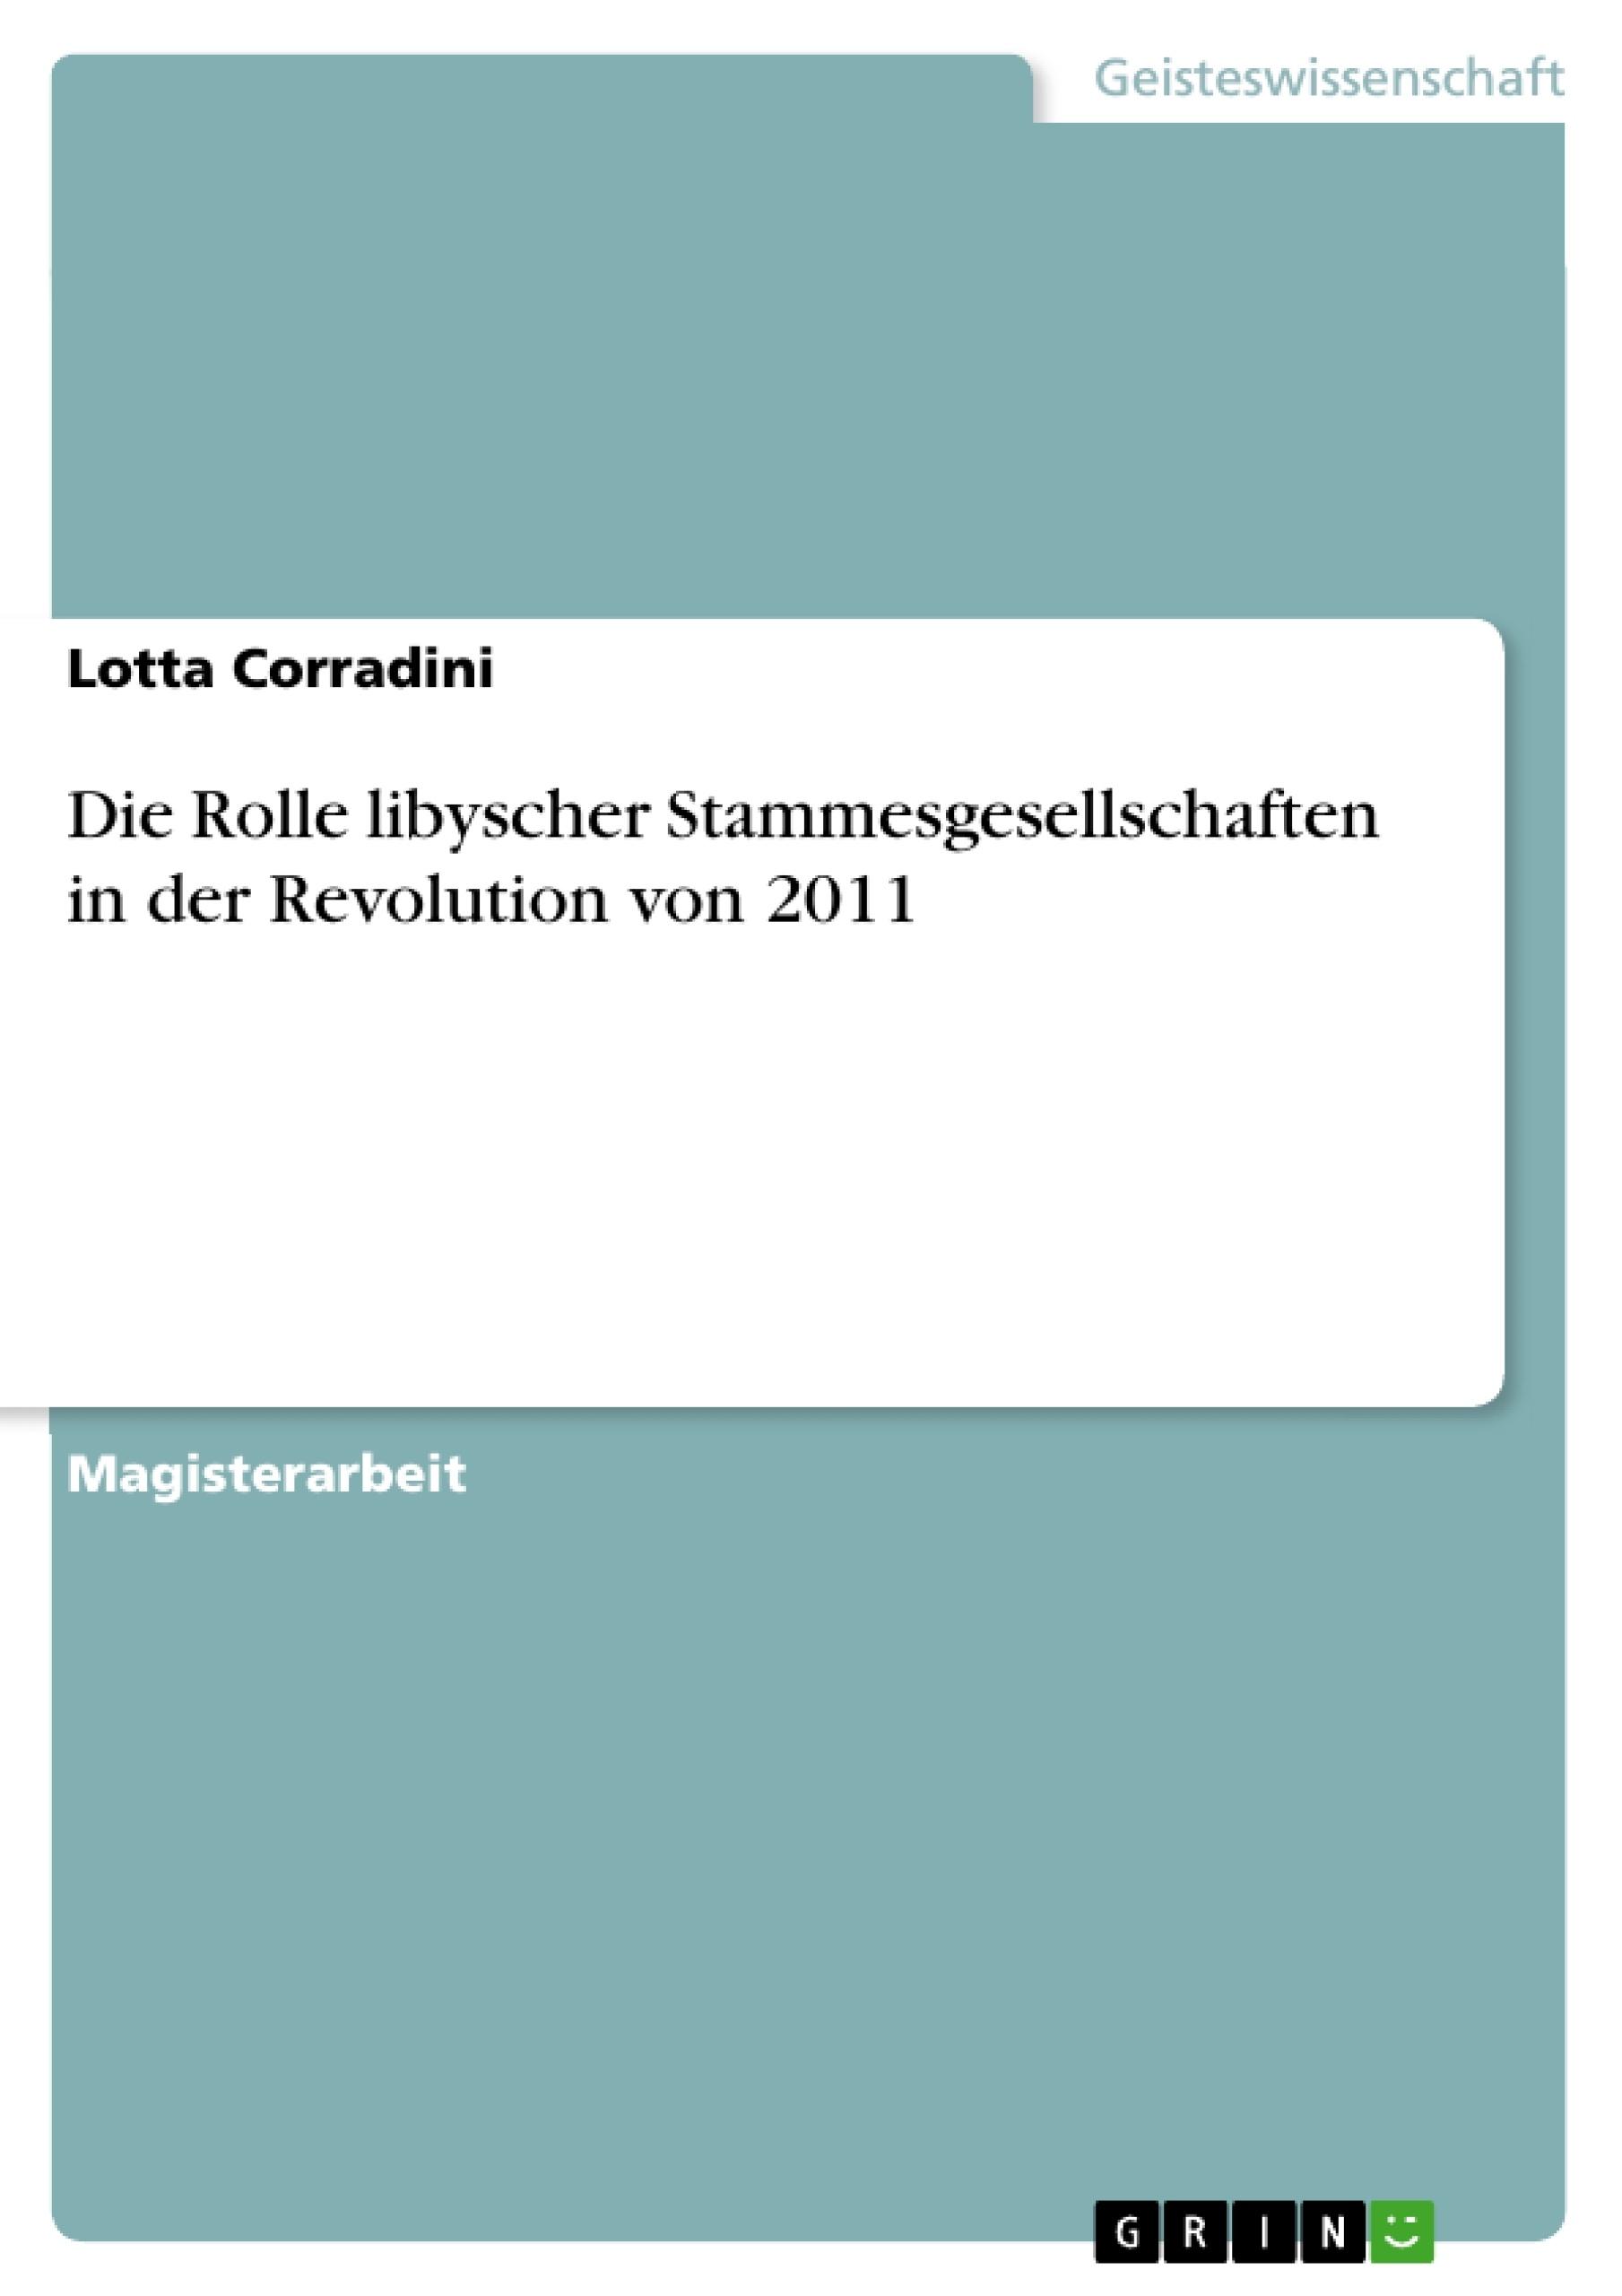 Titel: Die Rolle libyscher Stammesgesellschaften in der Revolution von 2011